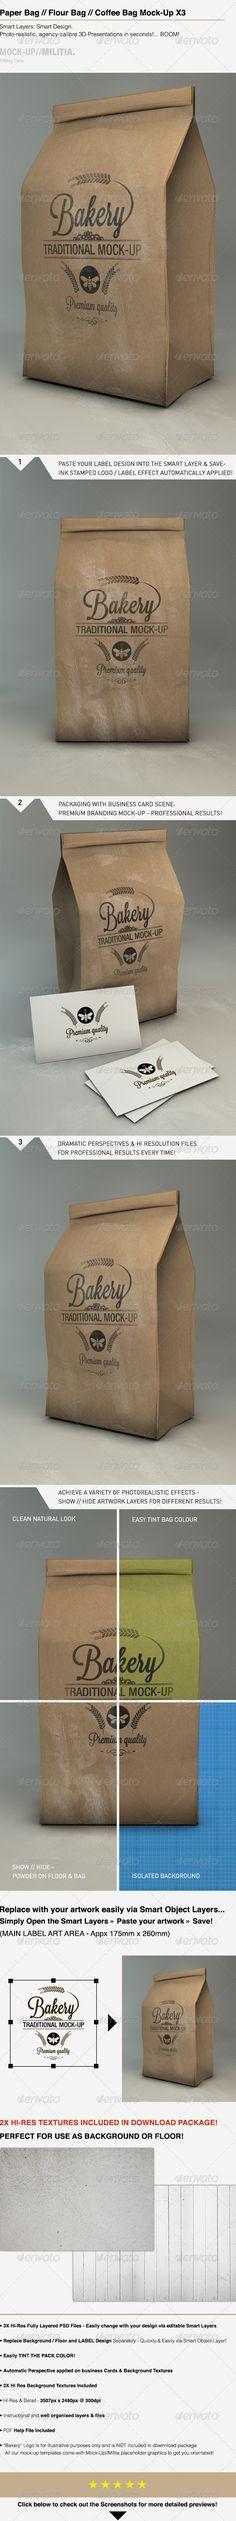 Paper Bag Mock-Up | Flour - Coffee Bag Mock-Up